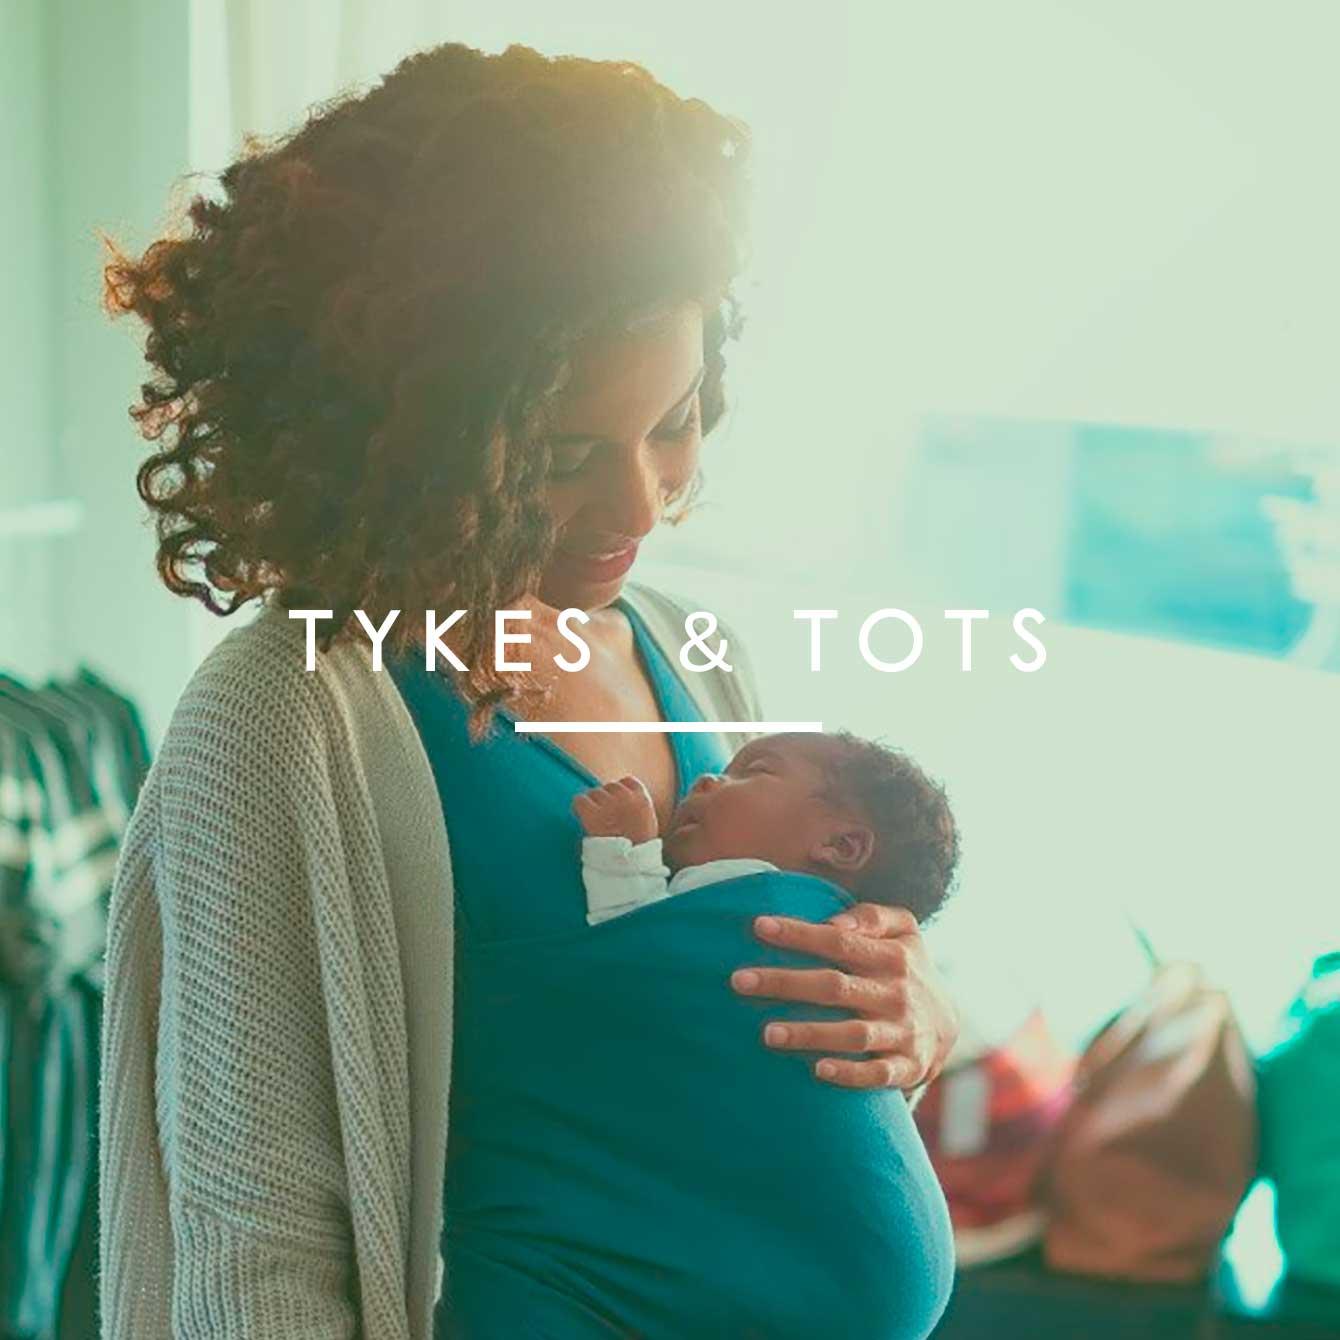 Tykes & Tots